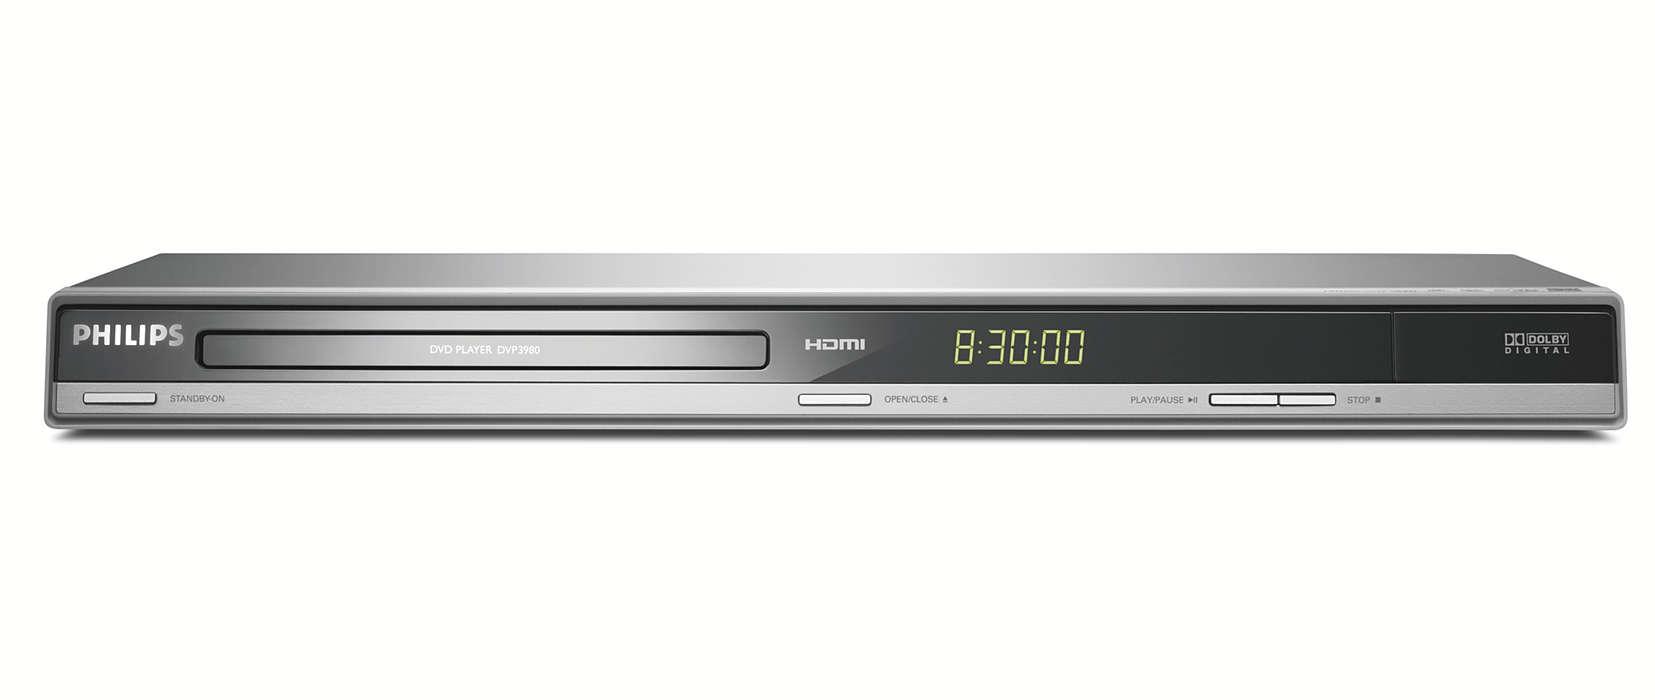 Lecteur DVD avec conversion à la résolution supérieure HDMI1080p